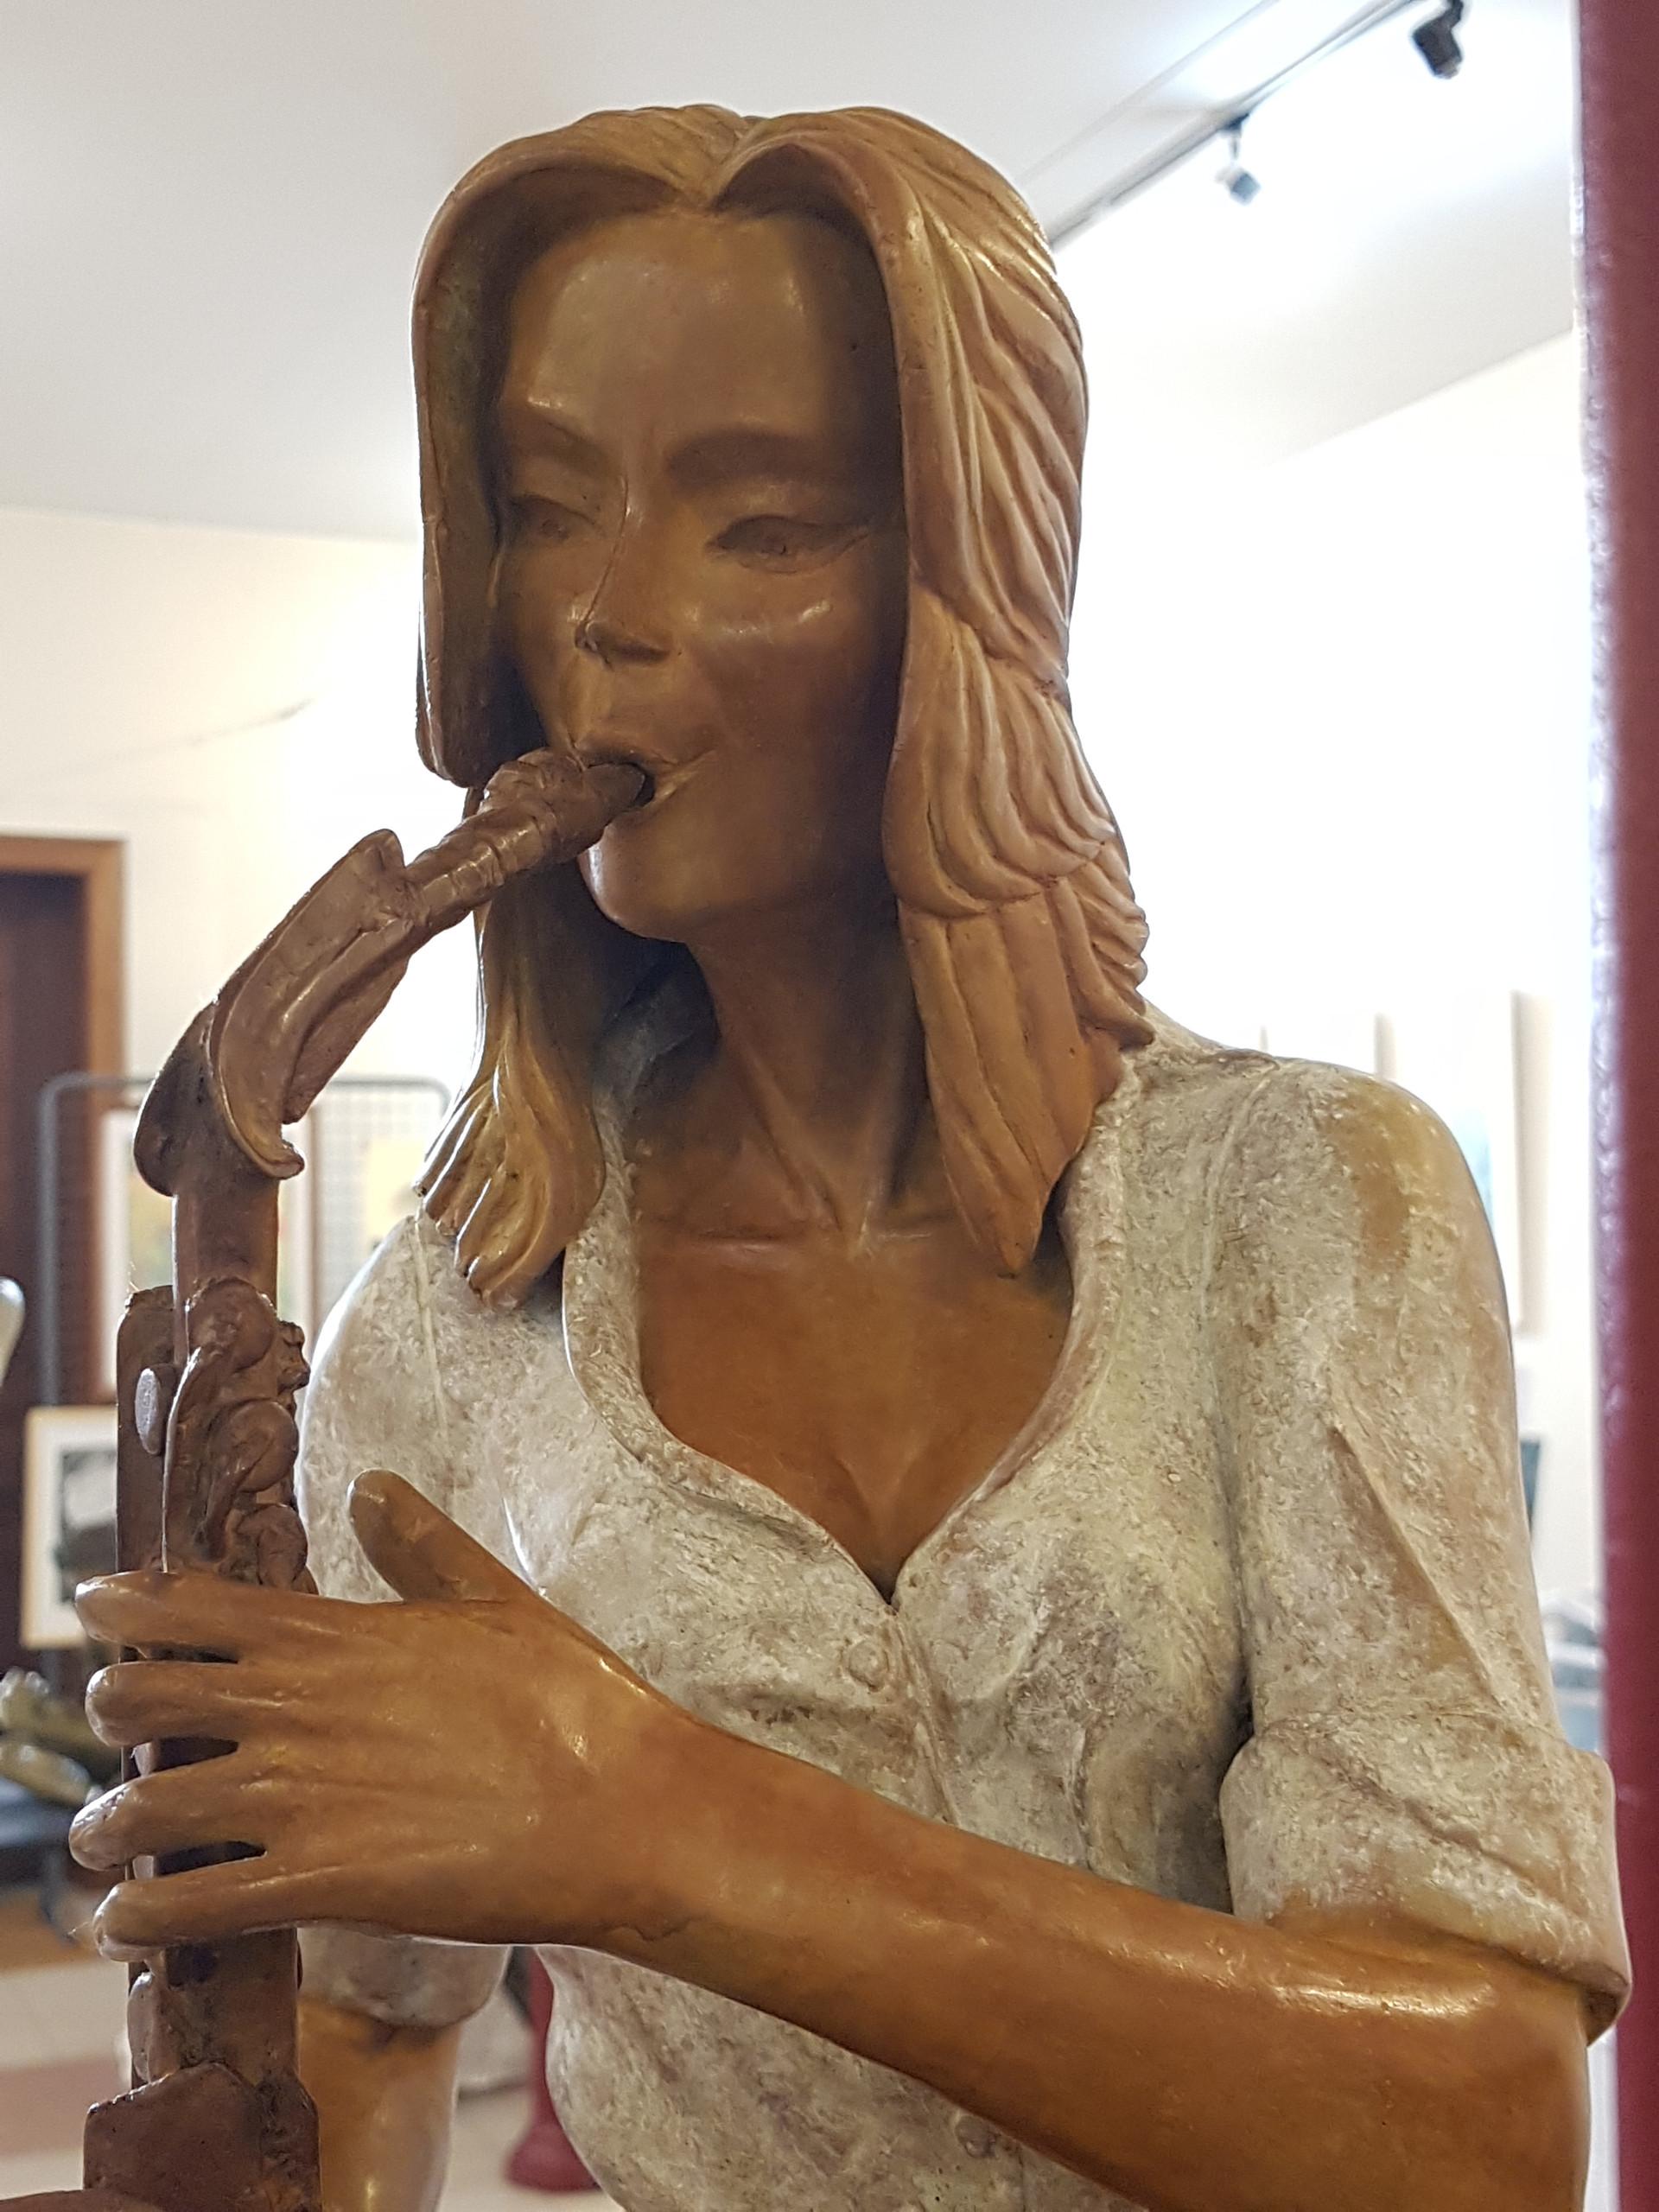 Le buste de la Saxophoniste